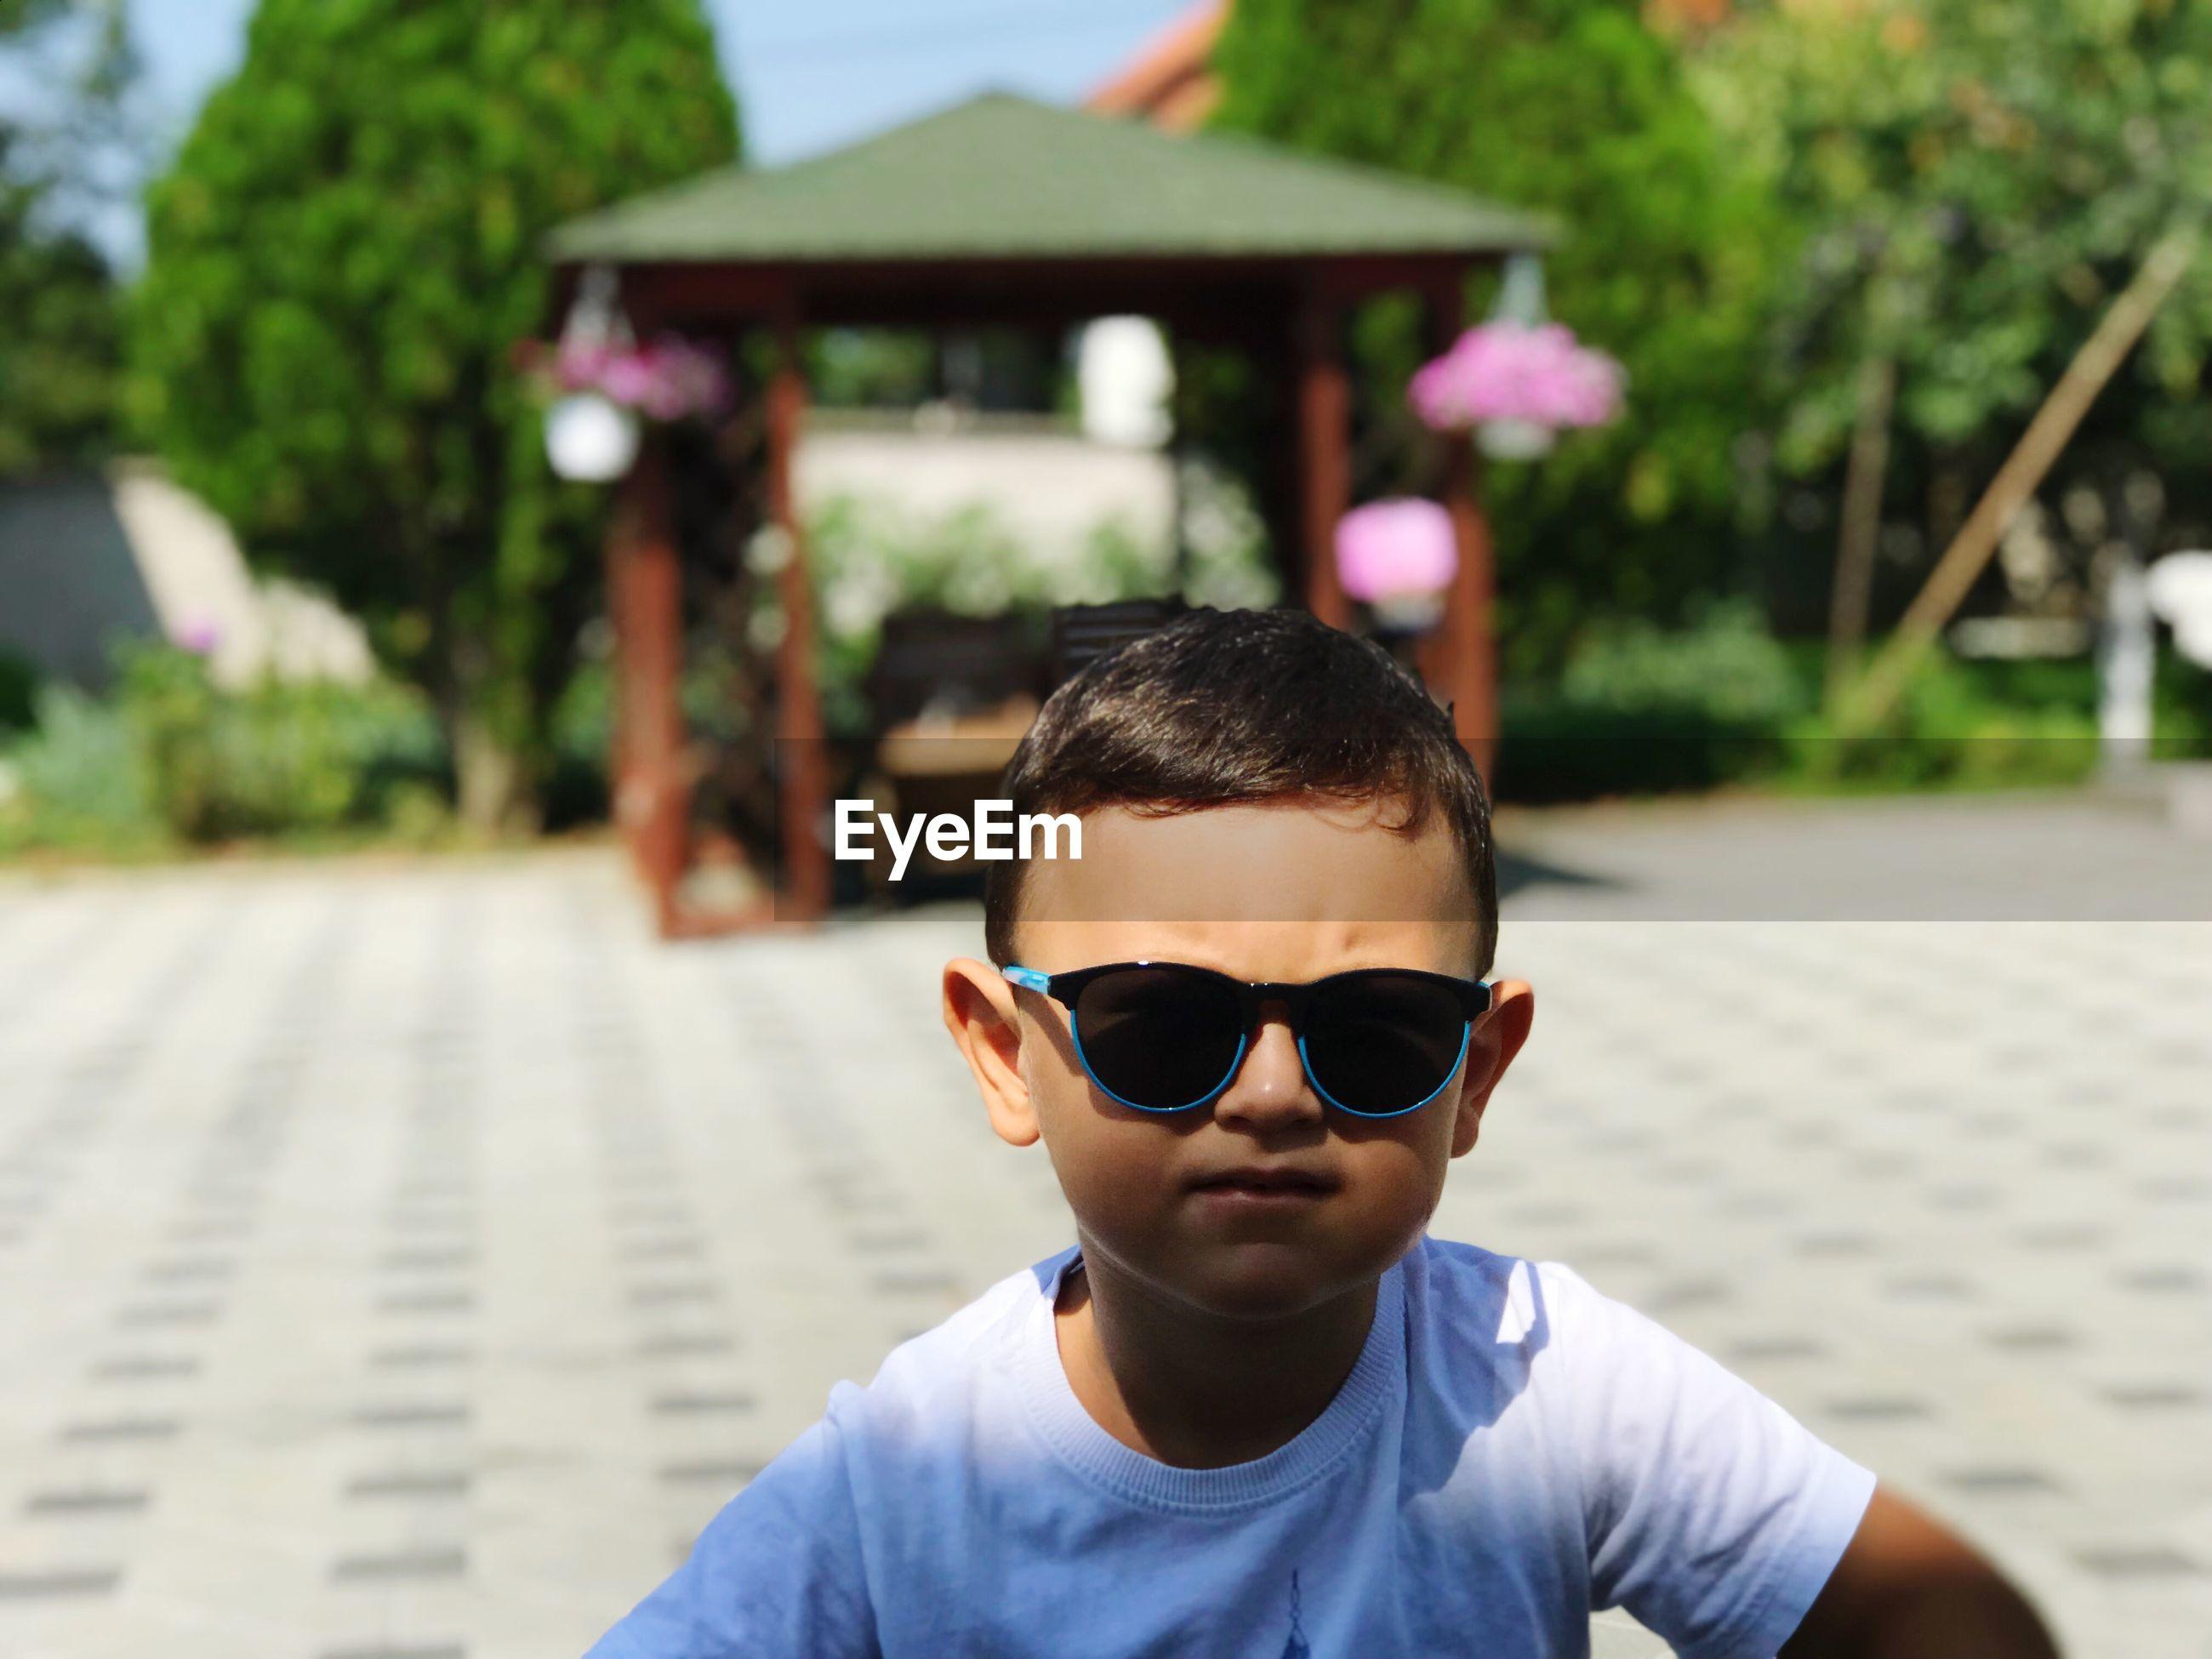 Portrait of cute boy wearing sunglasses in city